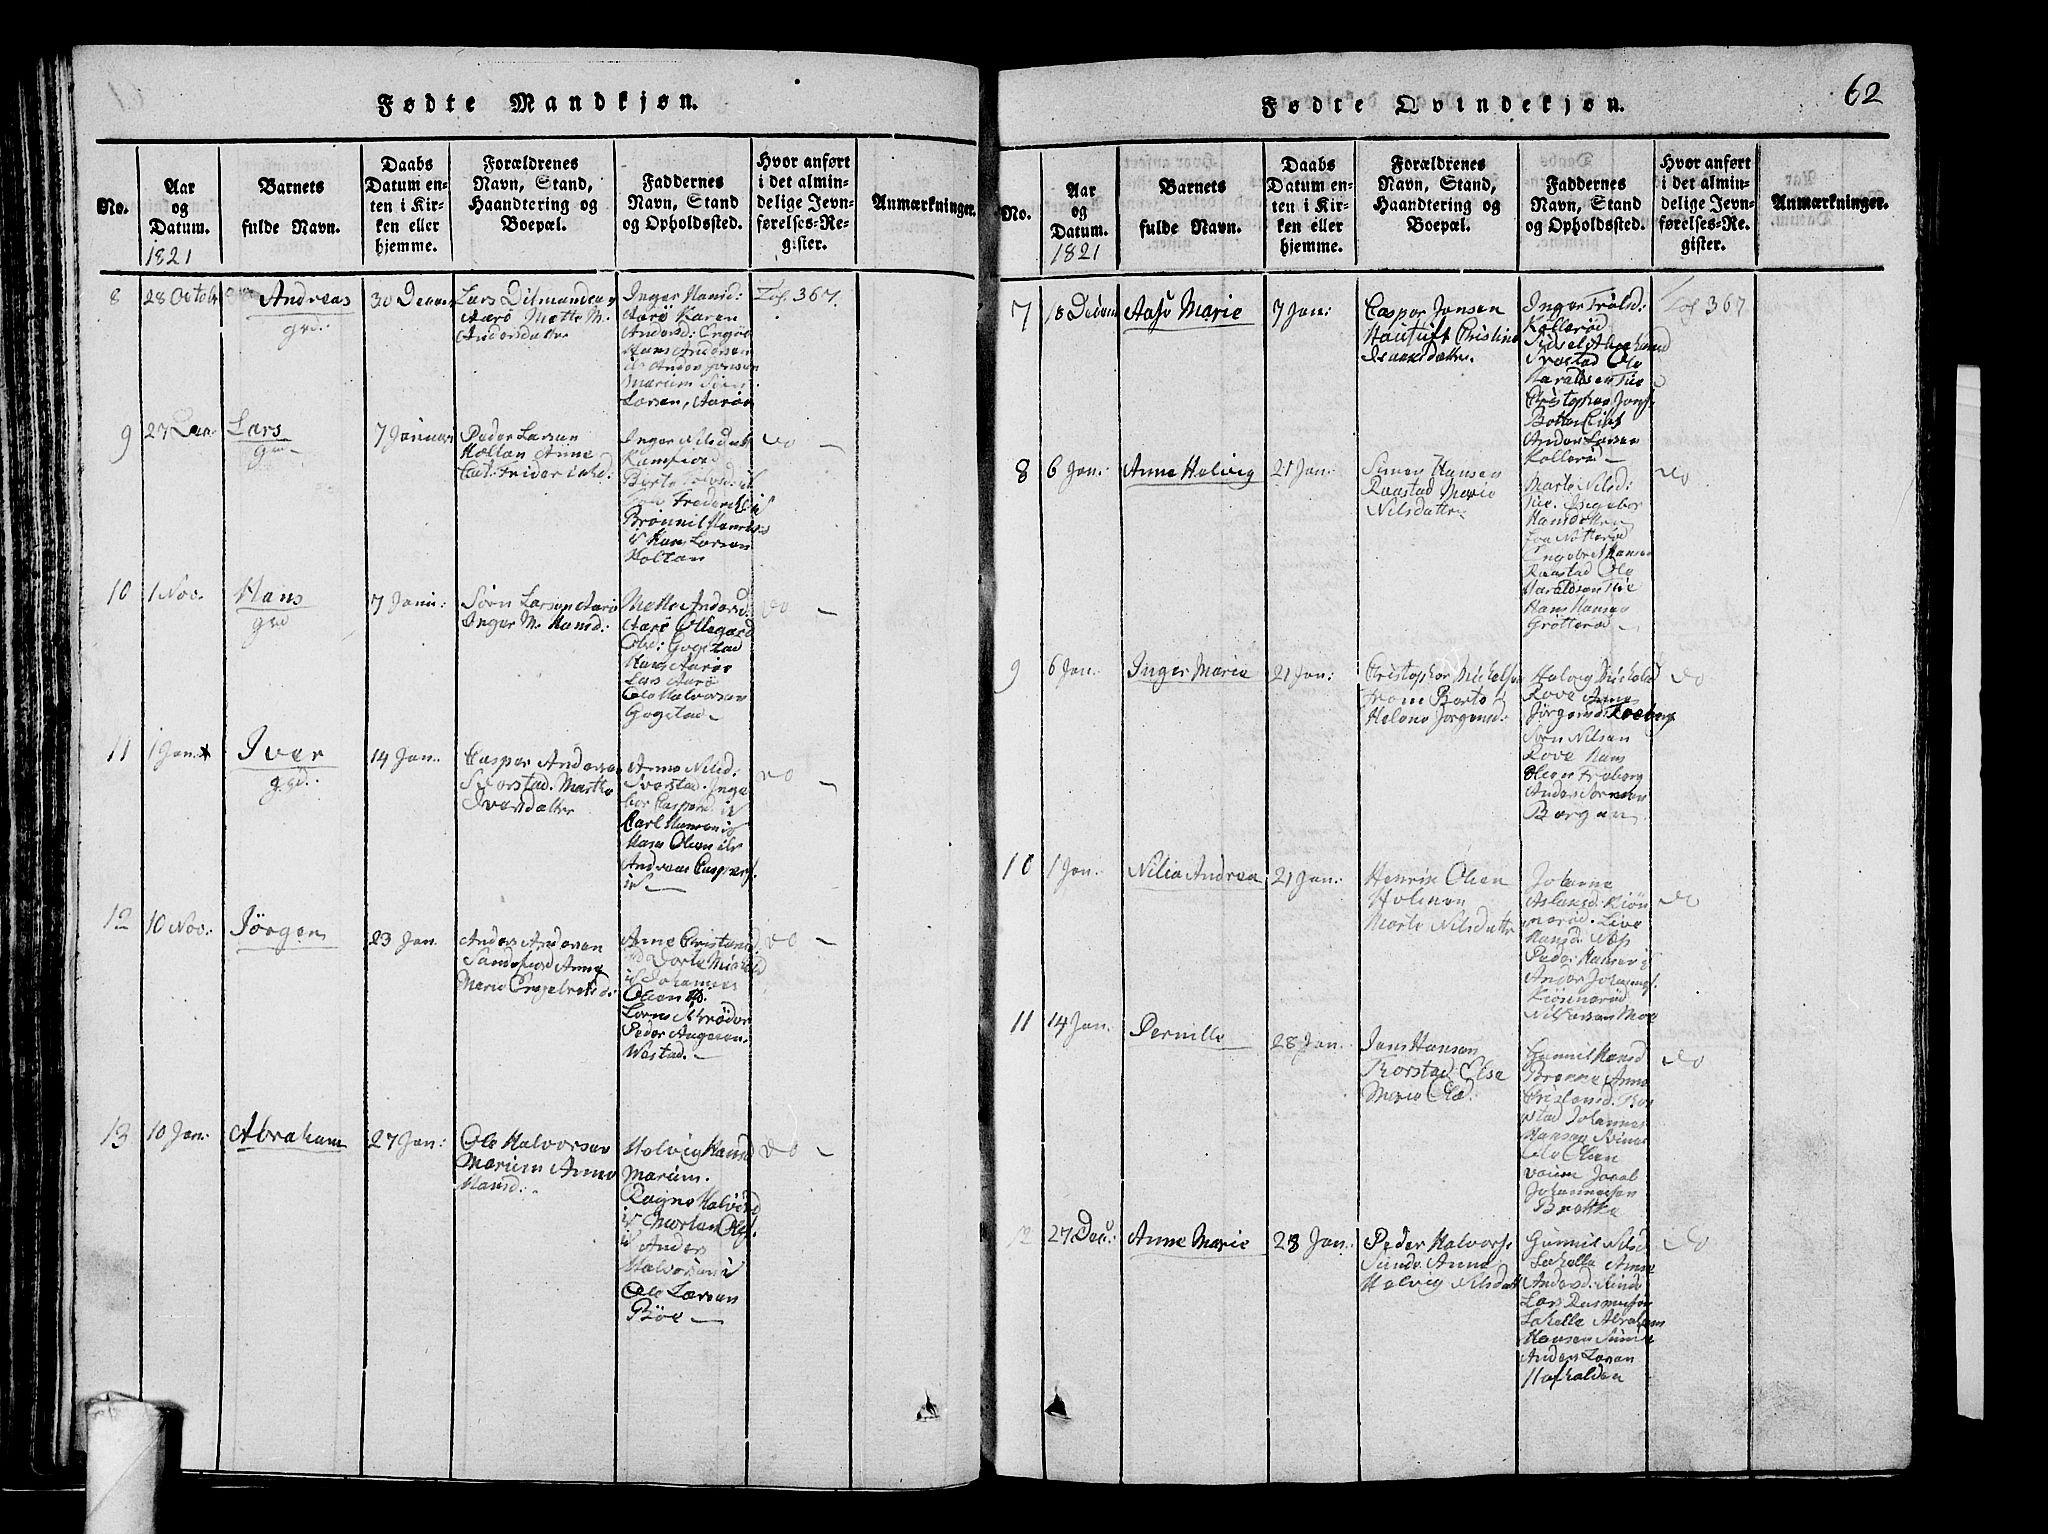 SAKO, Sandar kirkebøker, G/Ga/L0001: Klokkerbok nr. 1, 1814-1835, s. 62